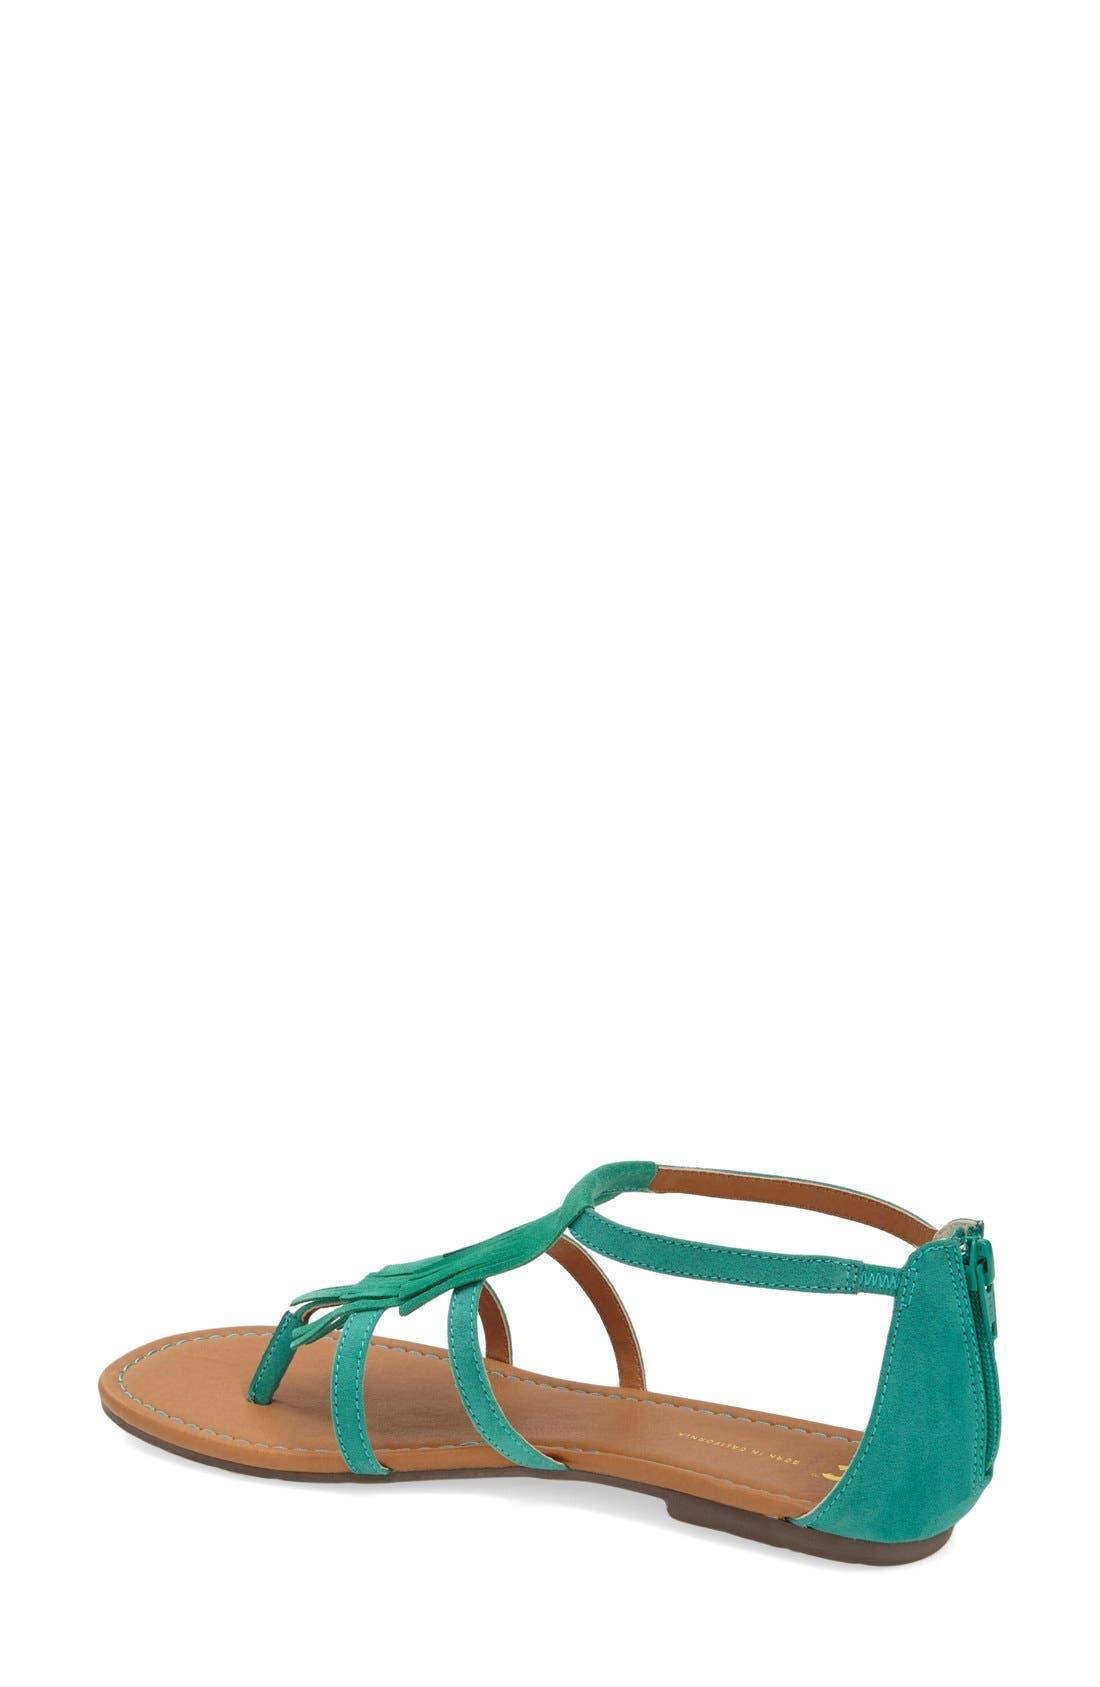 Alternate Image 2  - BC Footwear 'Maltese' Fringe Sandal (Women)